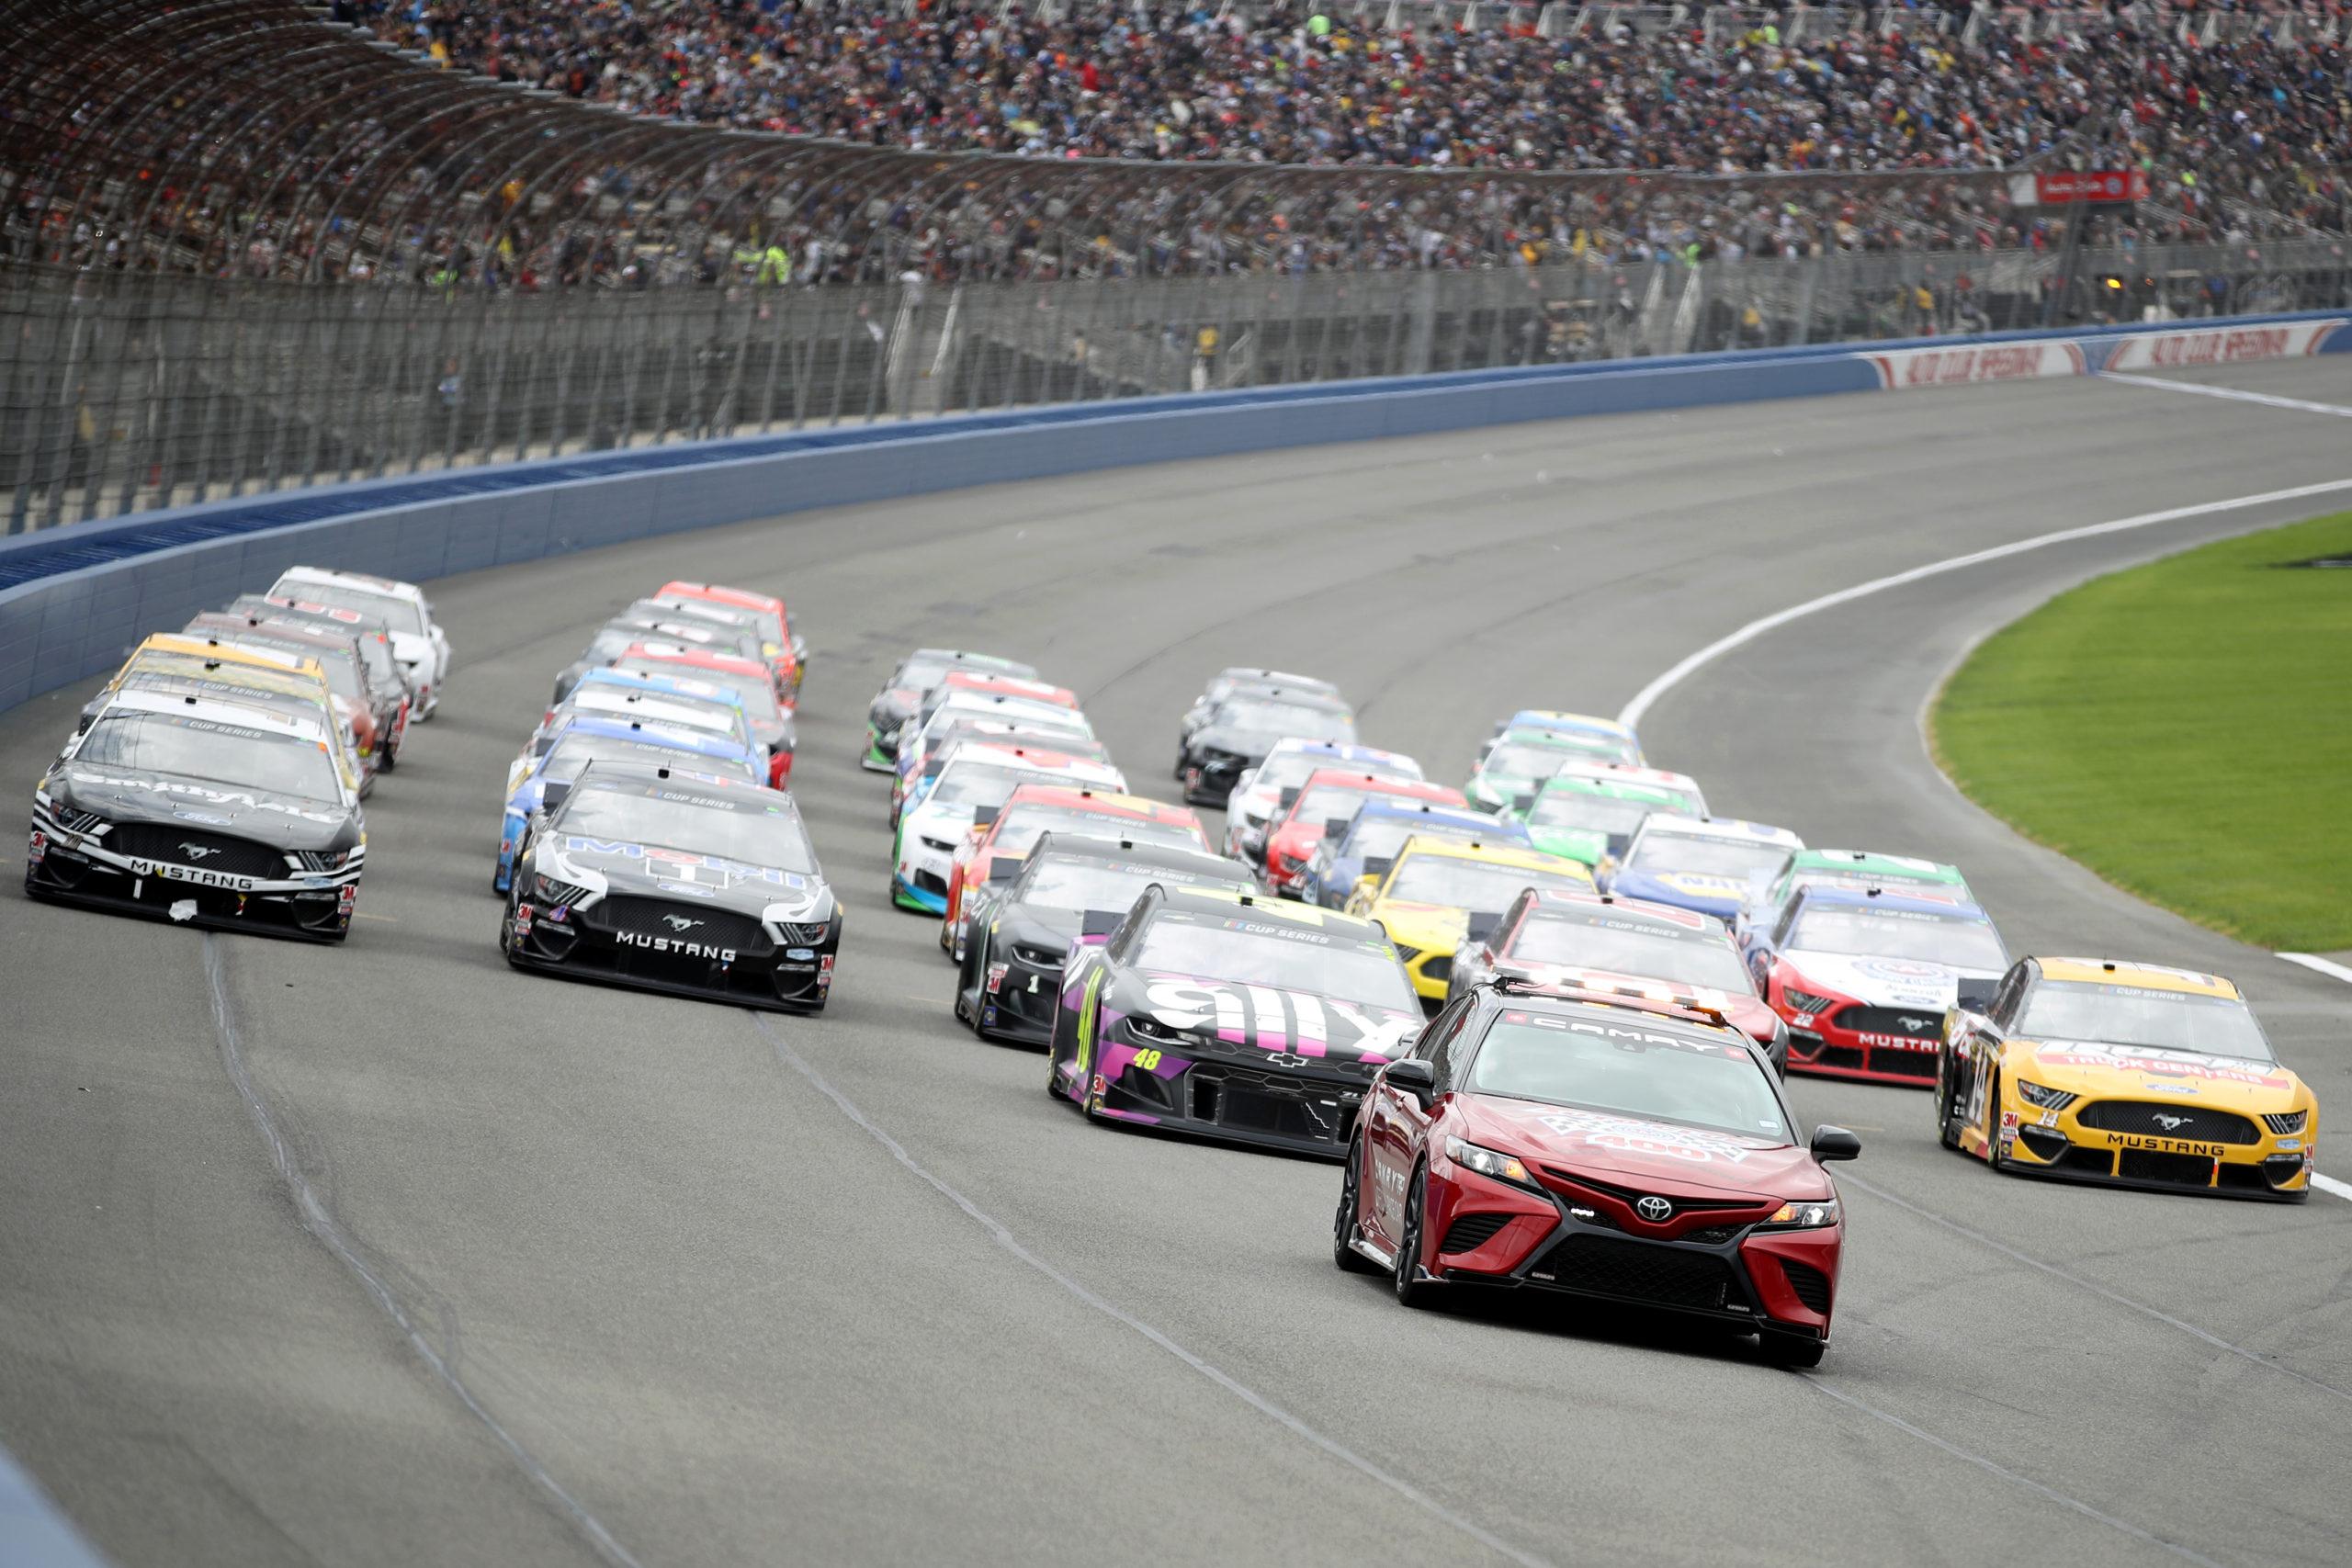 NASCAR Alters Start to 2021 Season